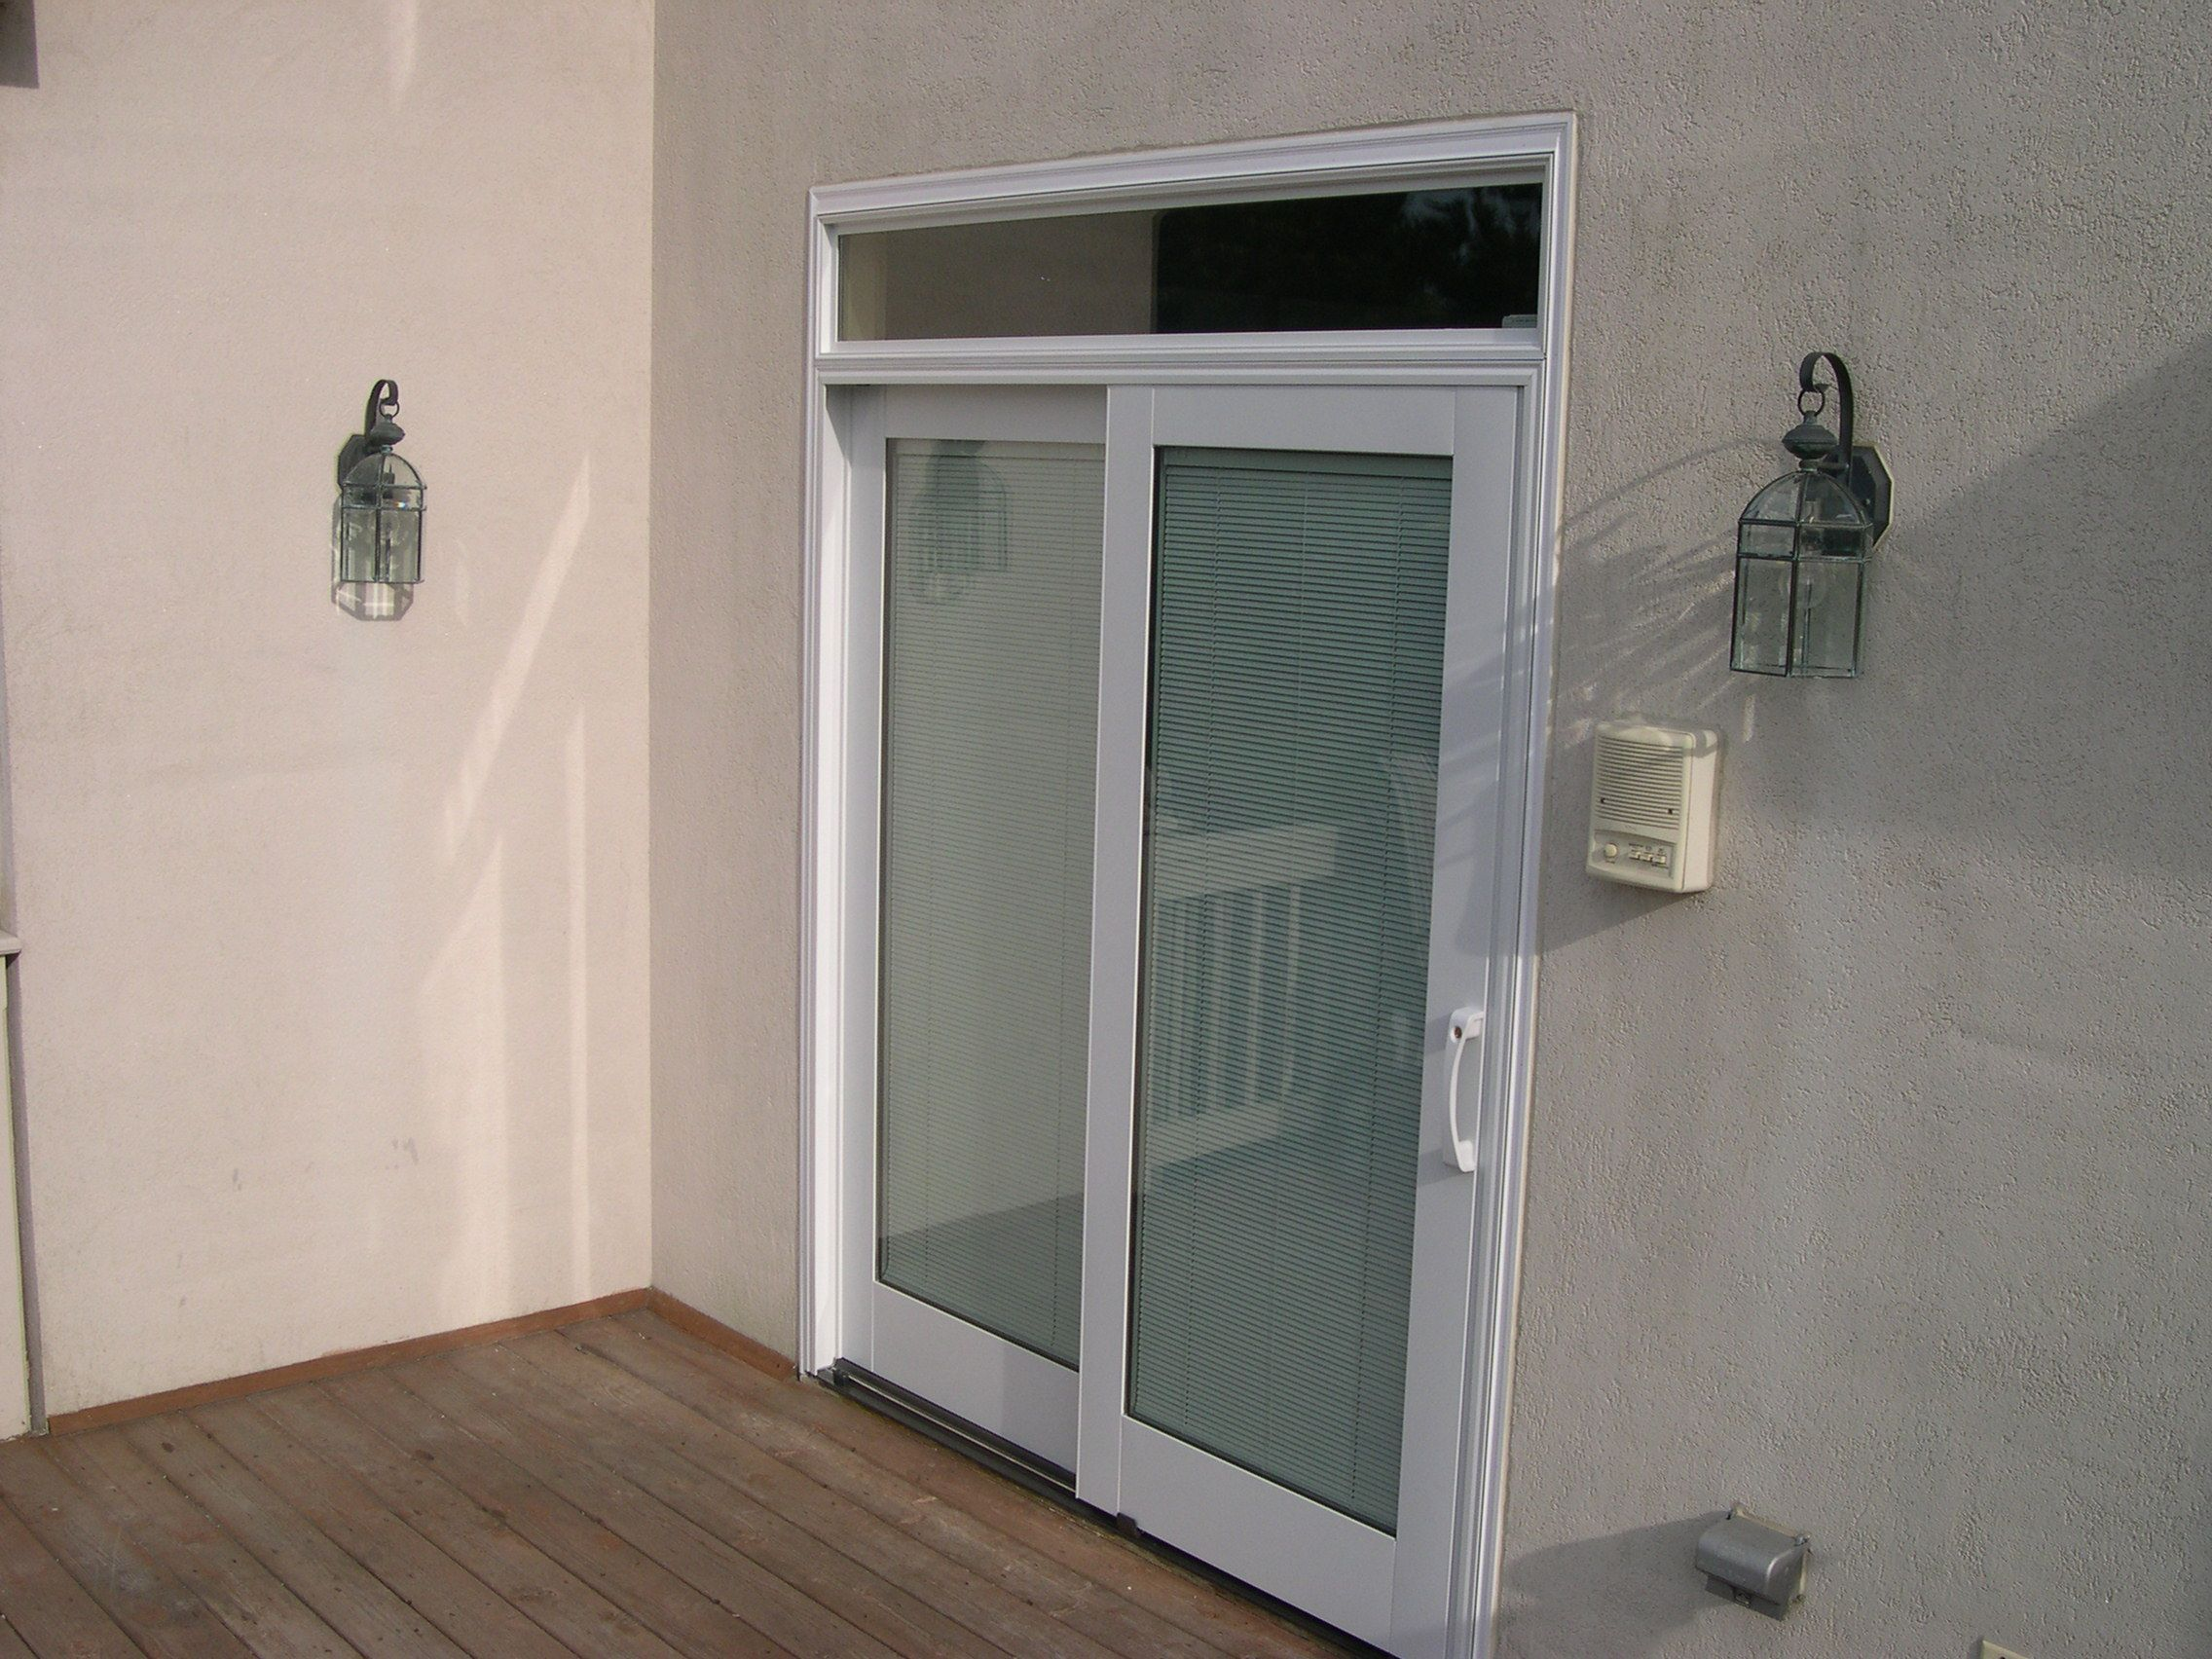 Minimalist Sliding Door With Transom Pella Designer Blinds With Transom 2 On Door And Window Pvcverticalblinds Modern Patio Doors Patio Doors Patio Blinds